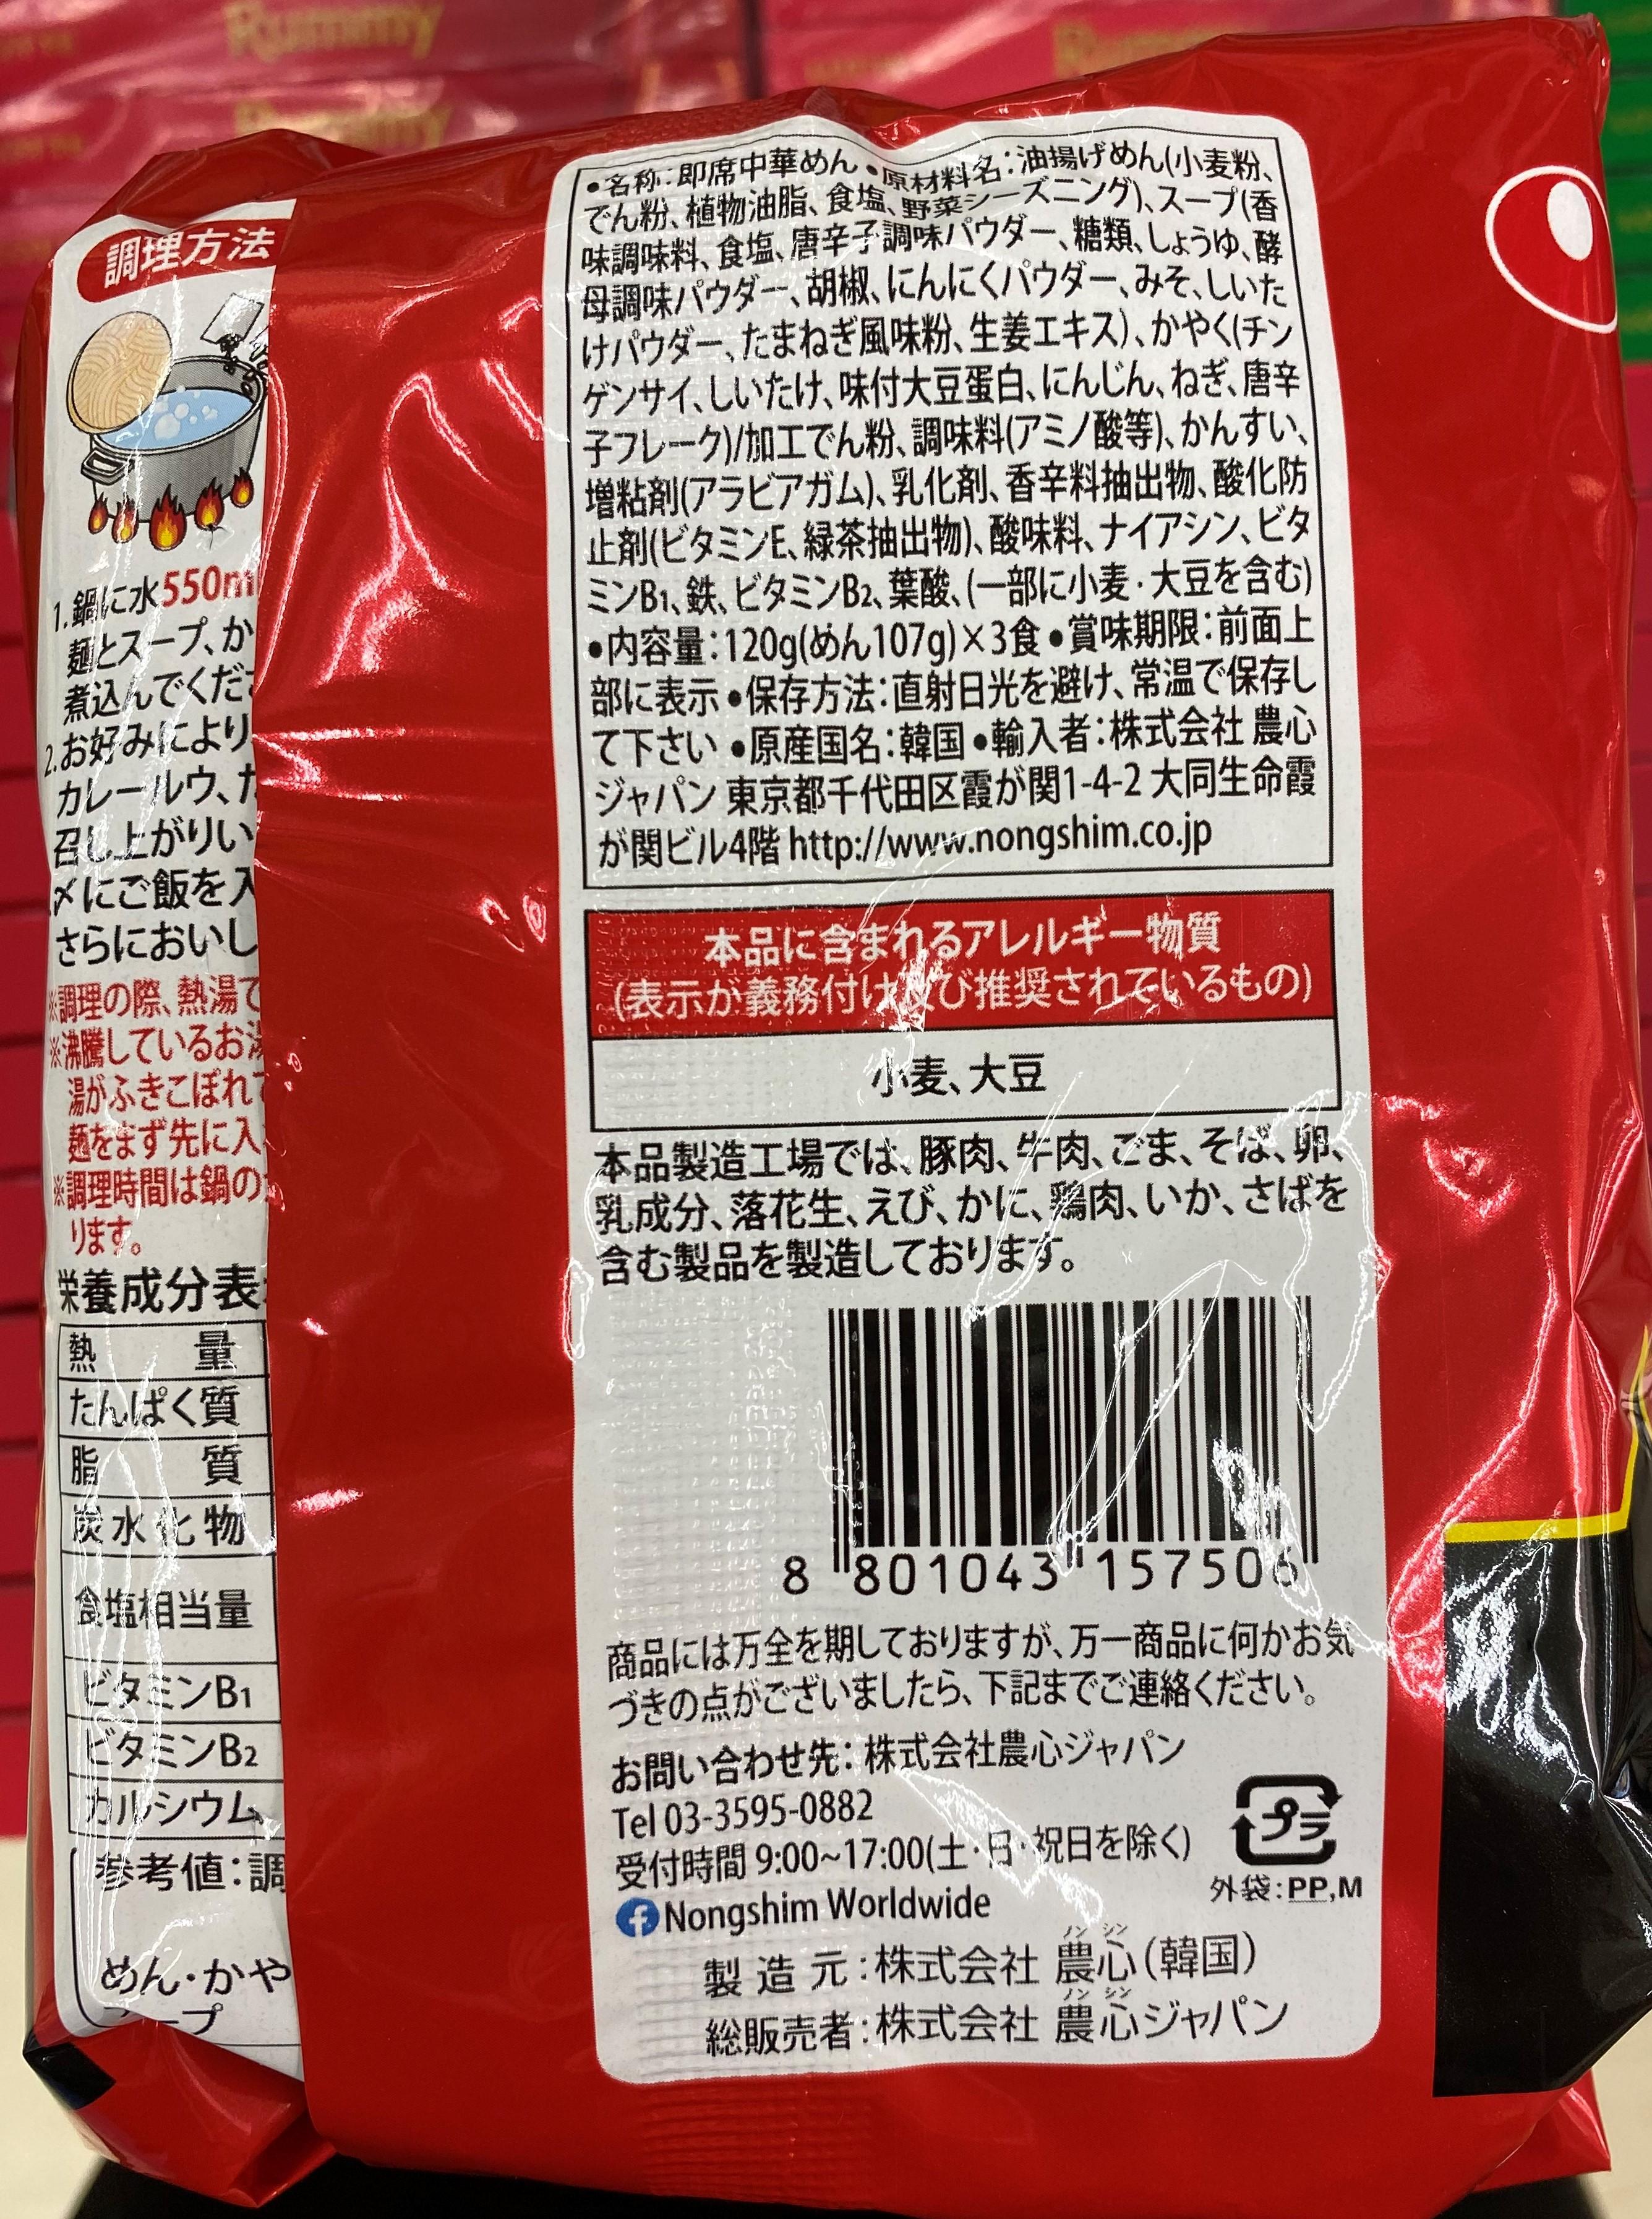 nongshim ramen ingredient list (2)